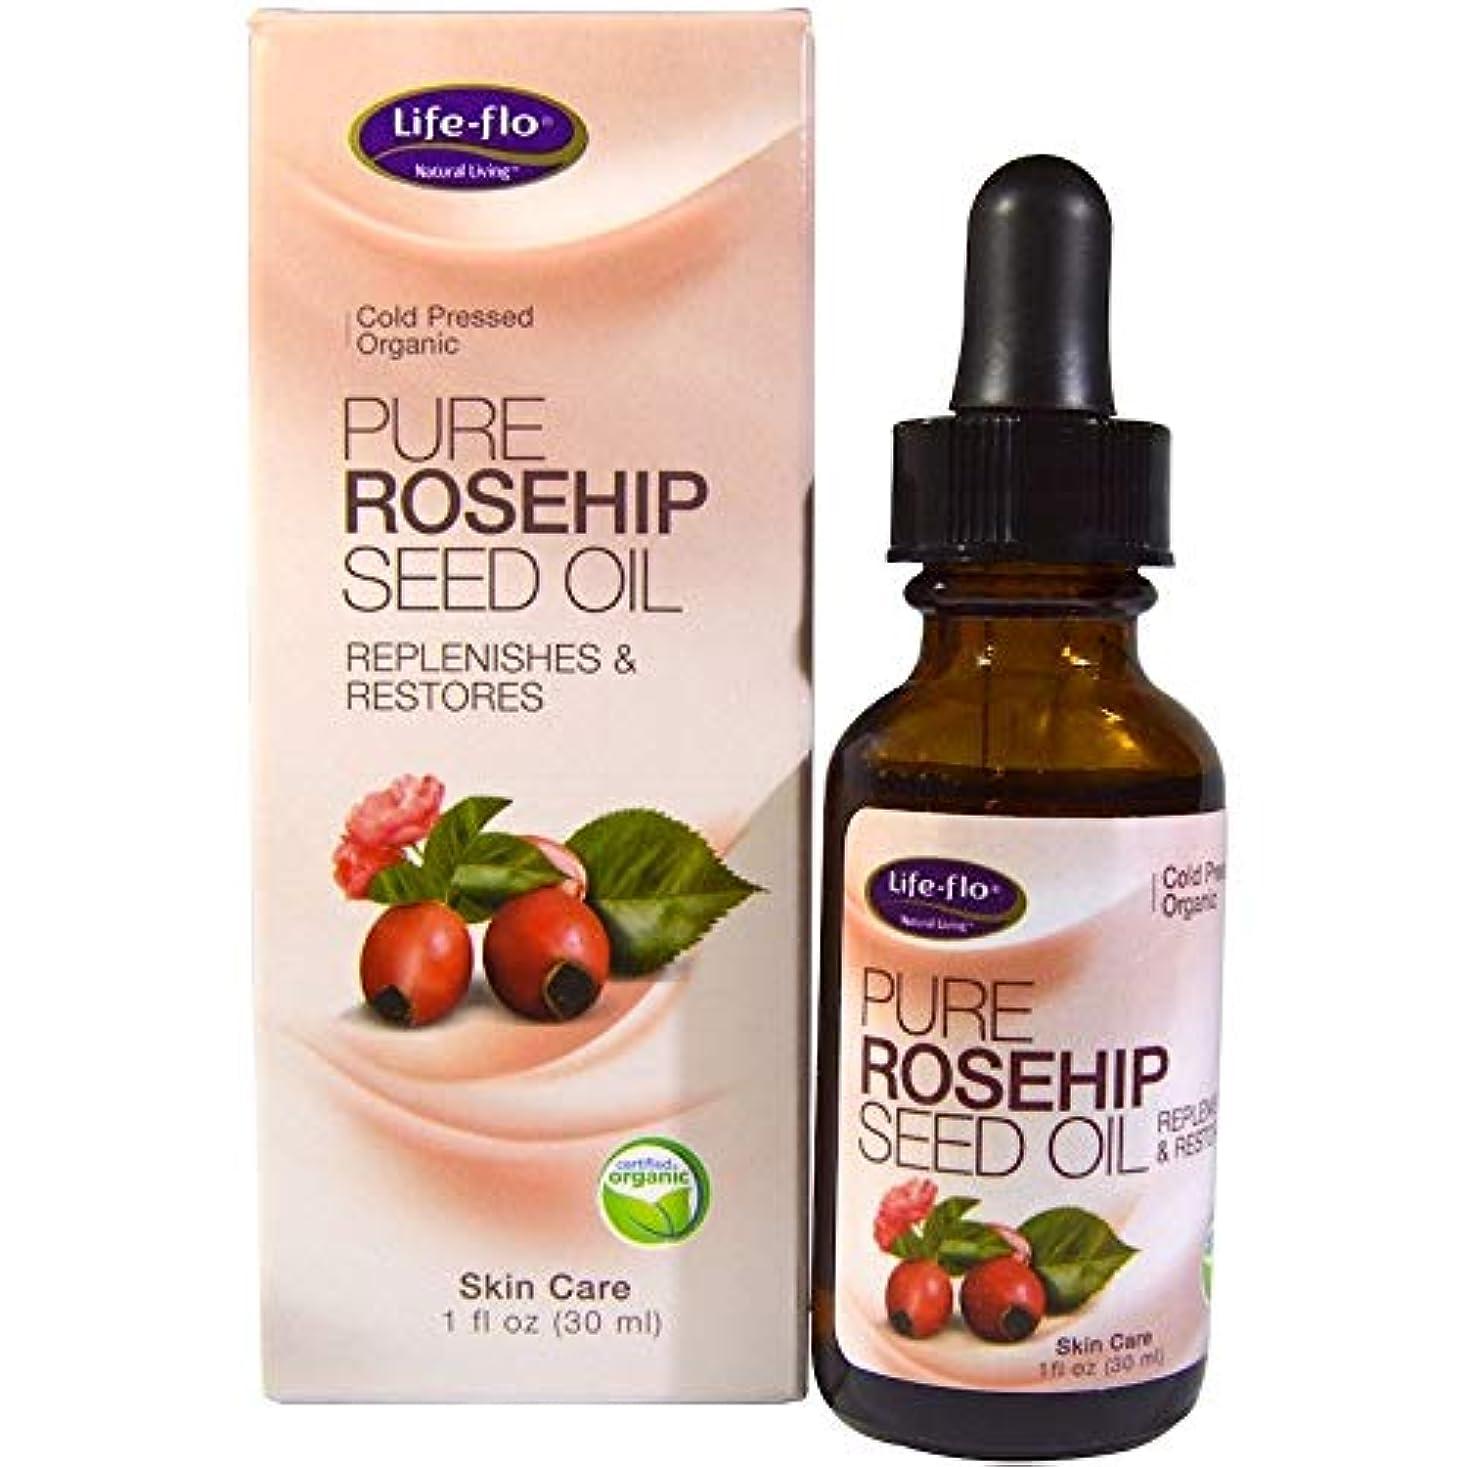 中傷象花嫁[並行輸入品] Life-Flo Pure Rosehip Seed Oil, 1 oz x 2パック